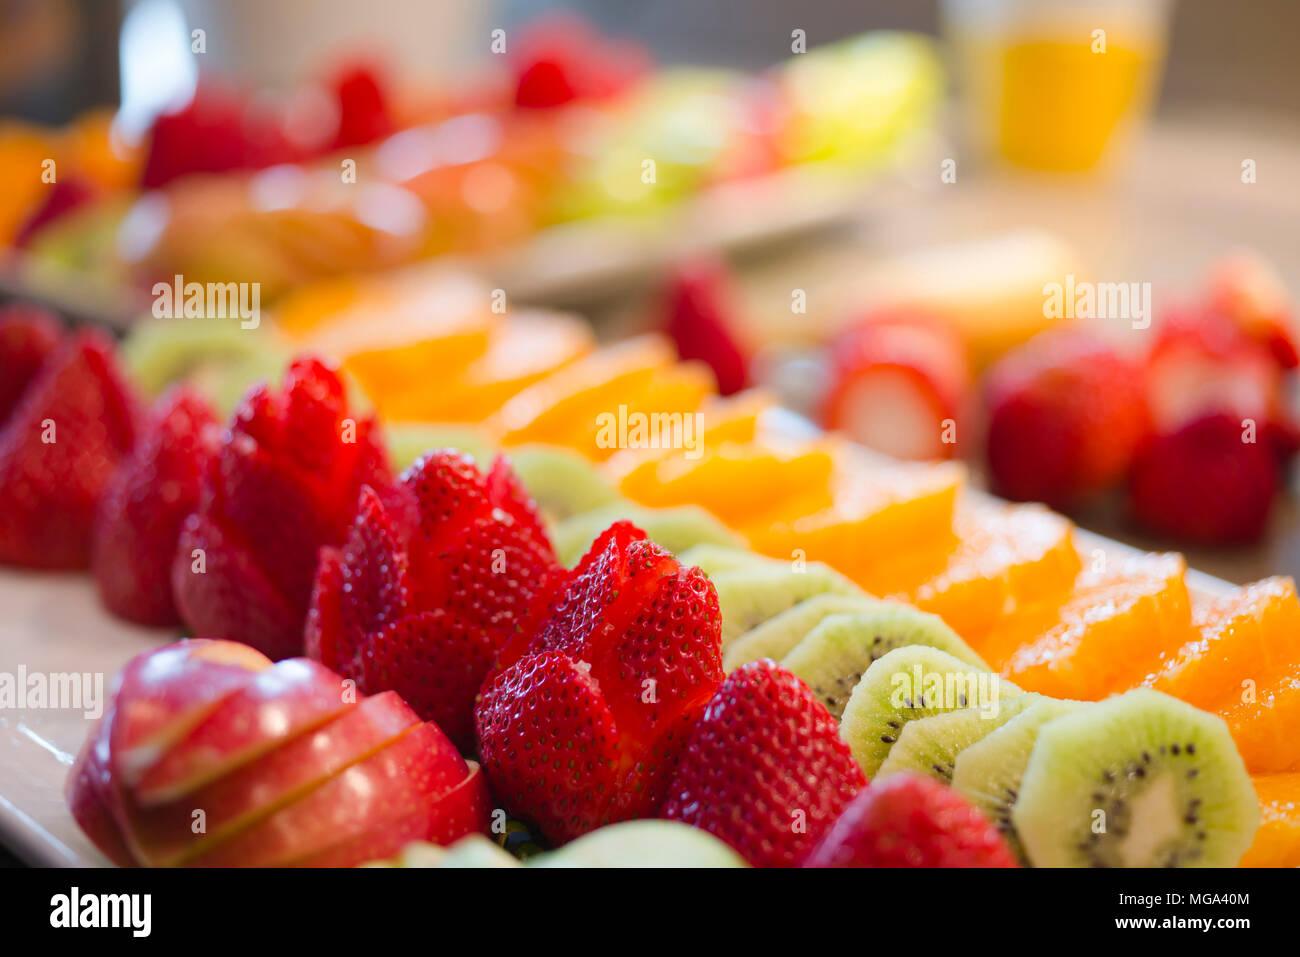 Sauber Köstlichkeiten kalorienarme Desserts mit frischen in Scheiben geschnittenen Äpfel strawberry Kiwi und Orangen bereit sind, für jede festliche Tafel während des Th festgelegt Stockbild